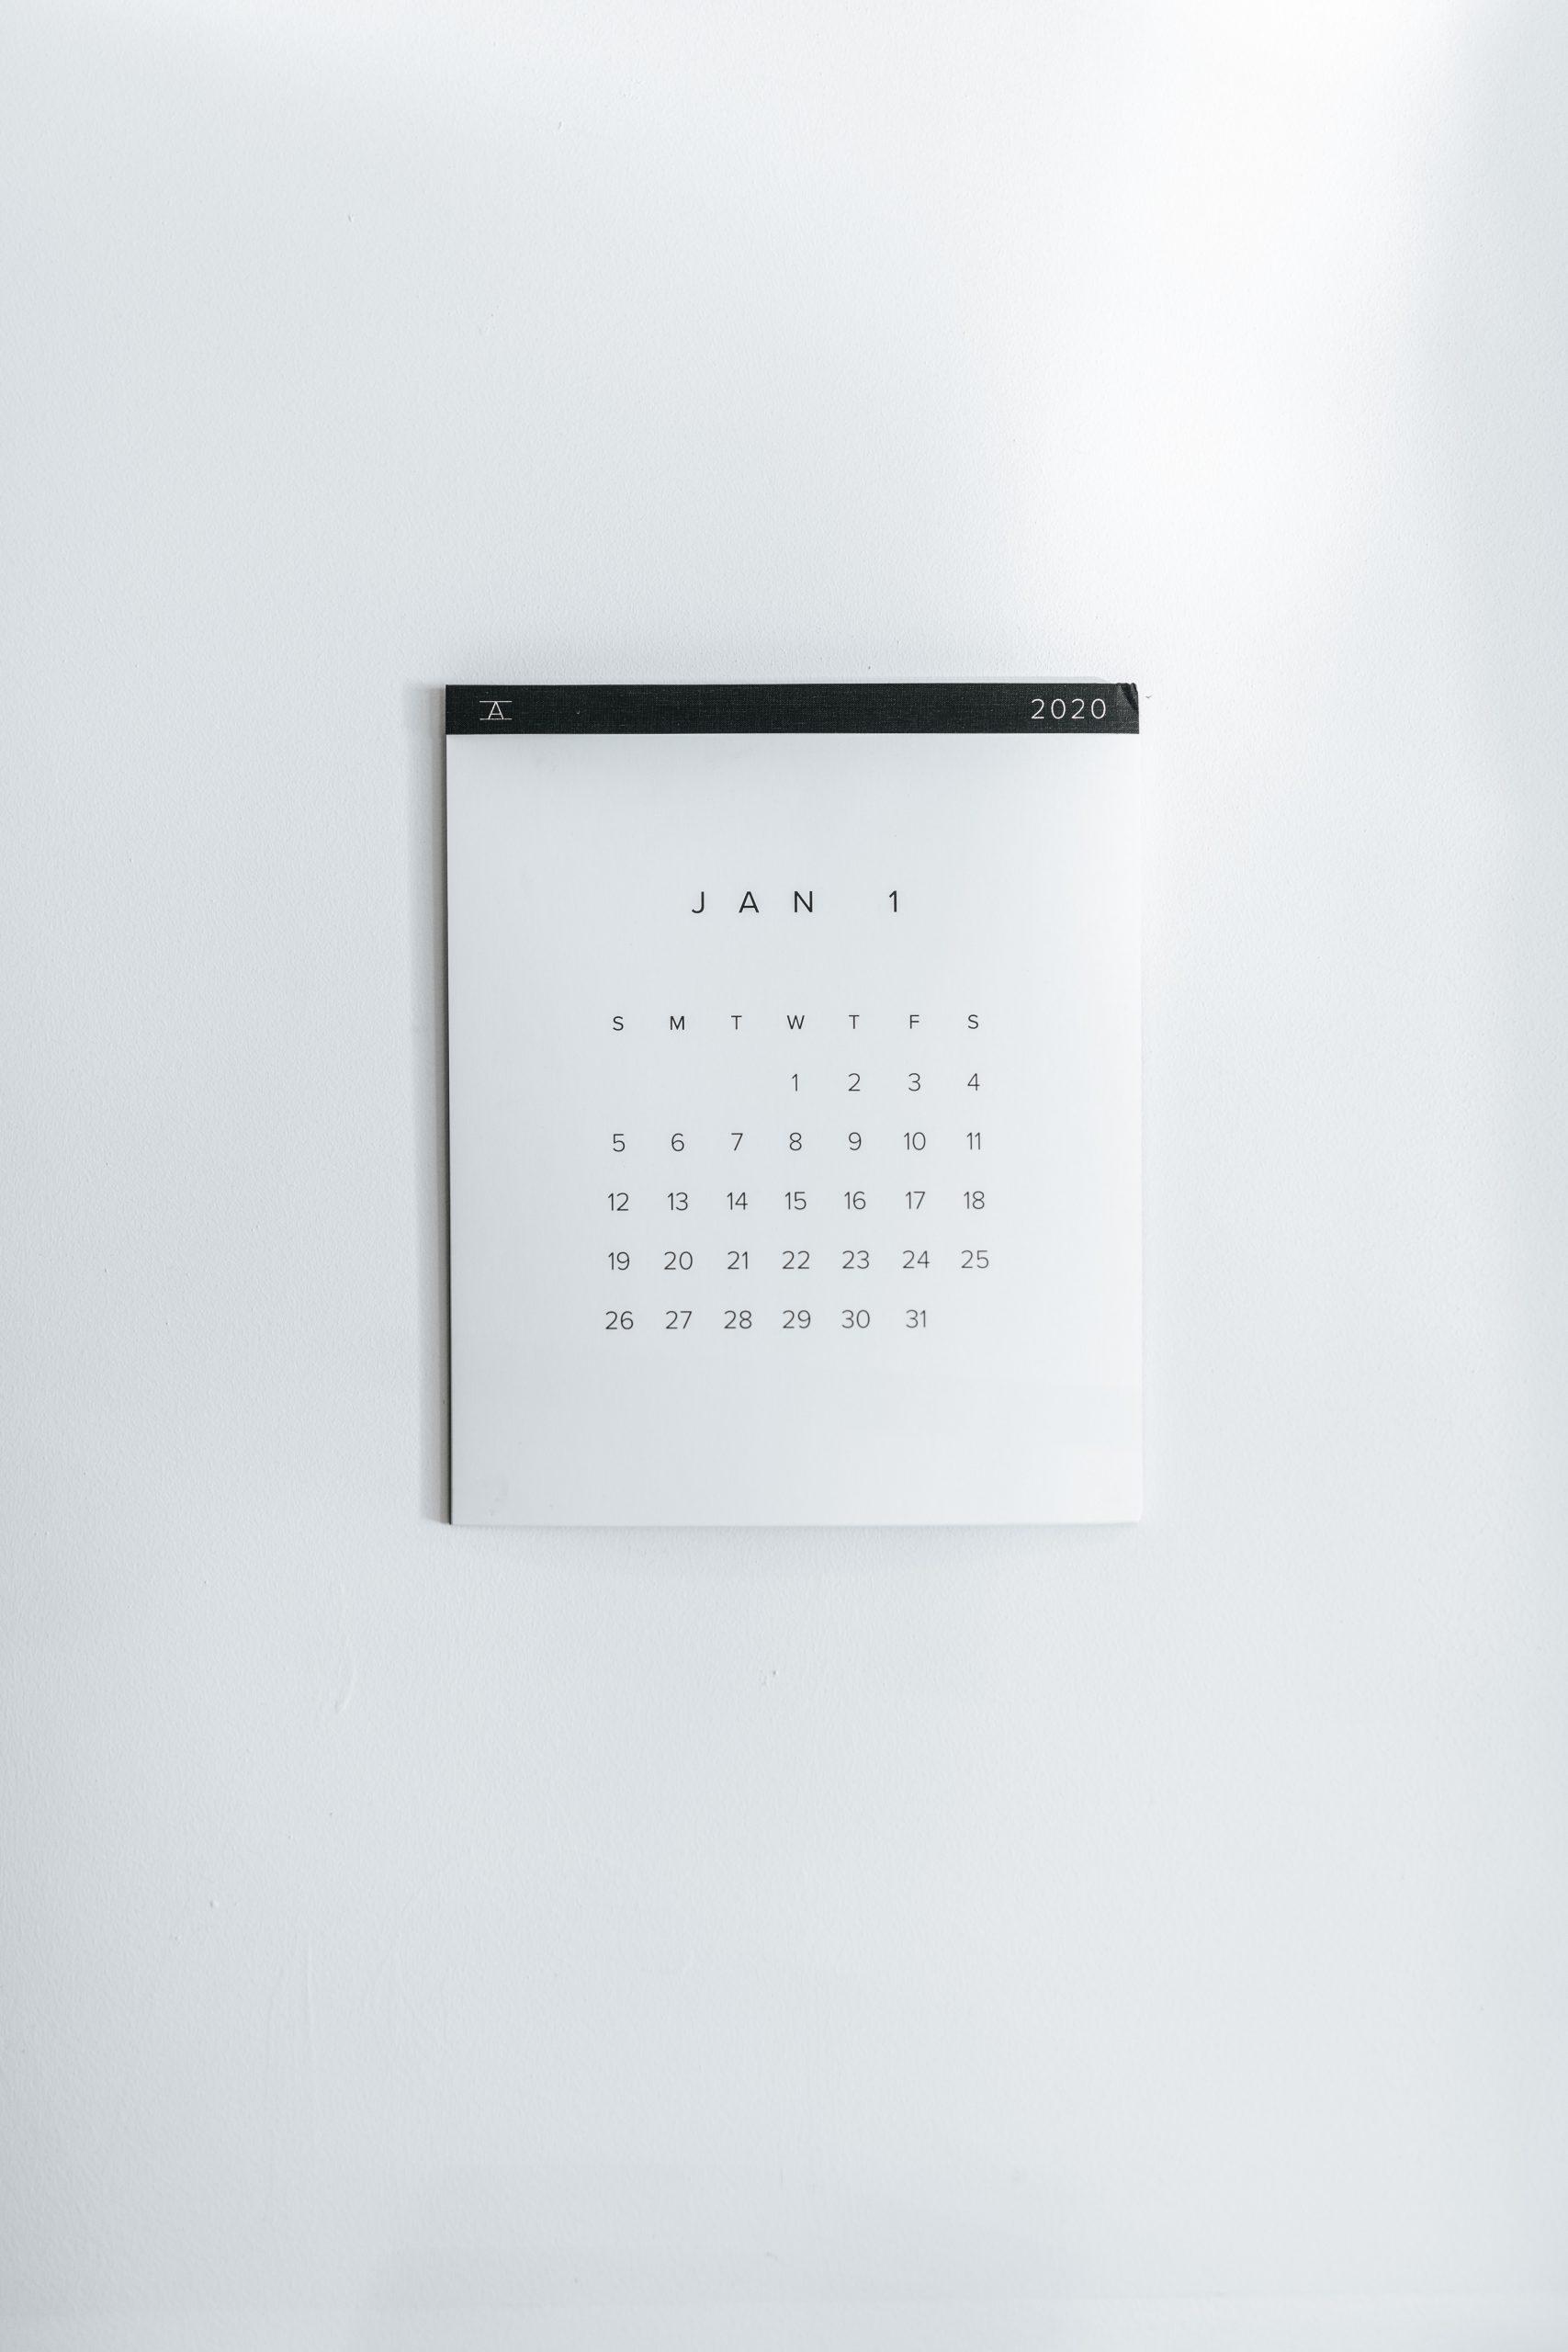 Como organizo a minha vida com o Google Calendar